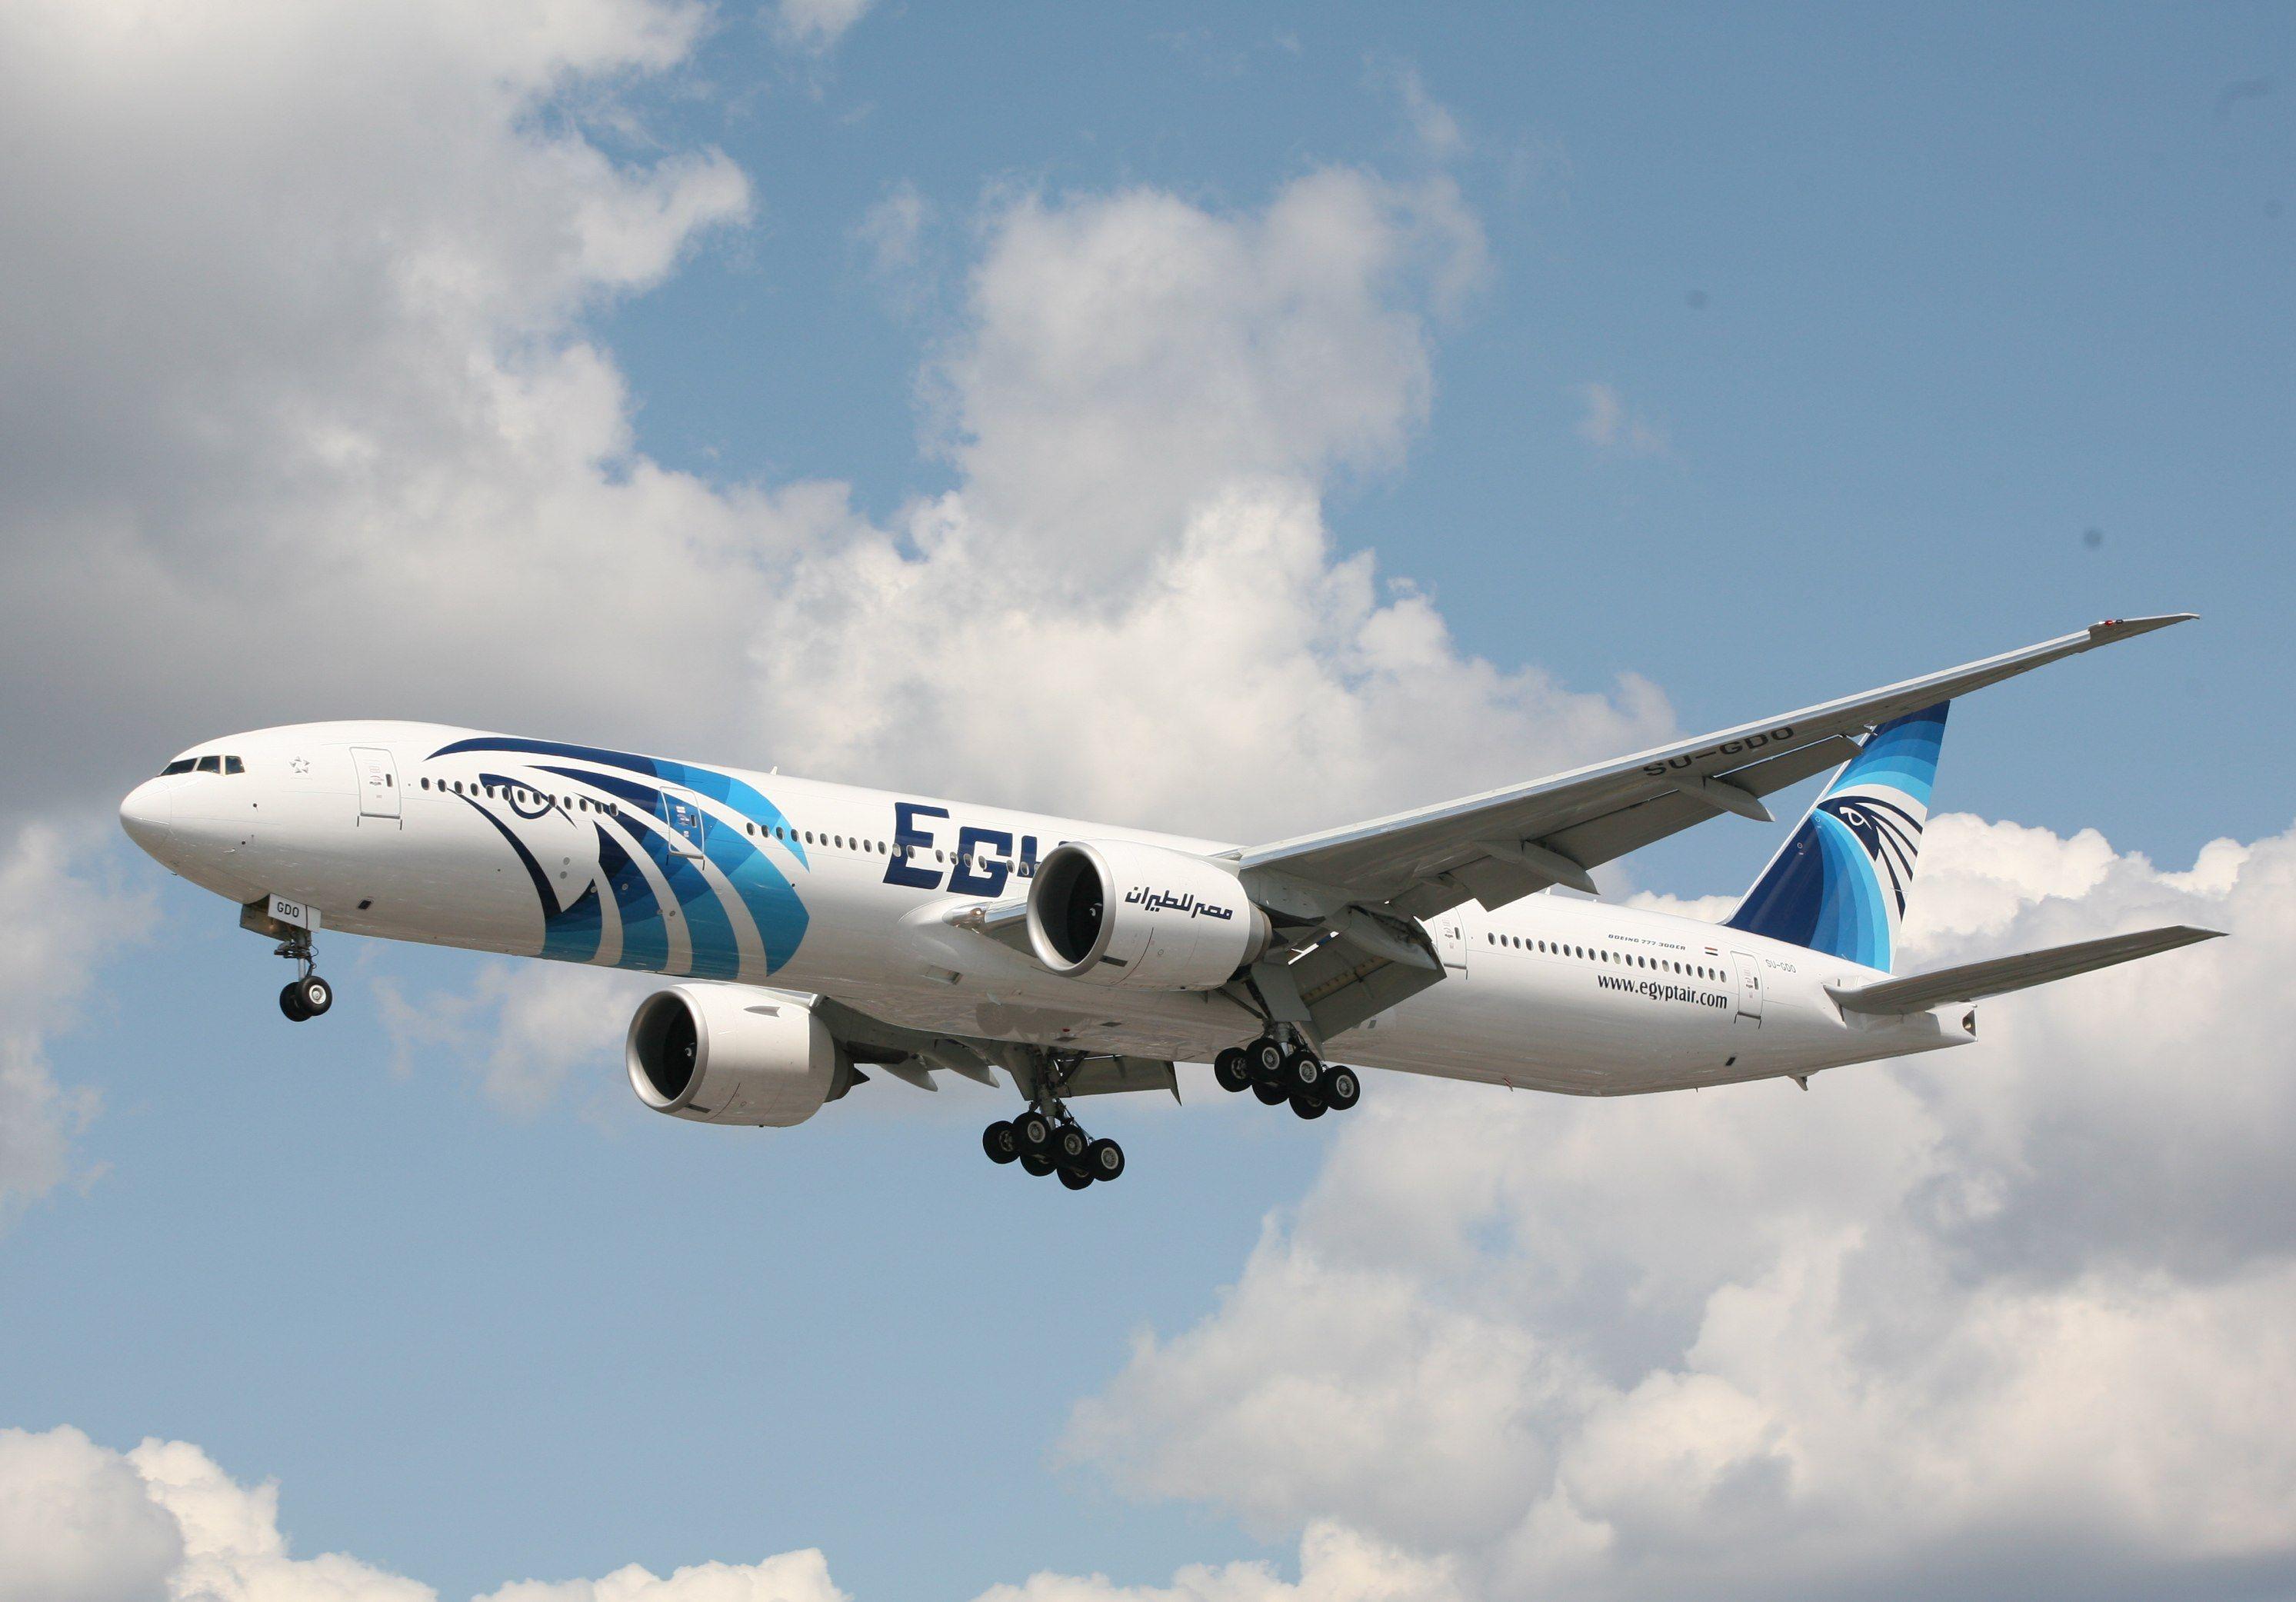 مصر للطيران تطلق رحلات جديدة بين القاهرة ودبلن Flight Offers Boeing 777 Air Tickets